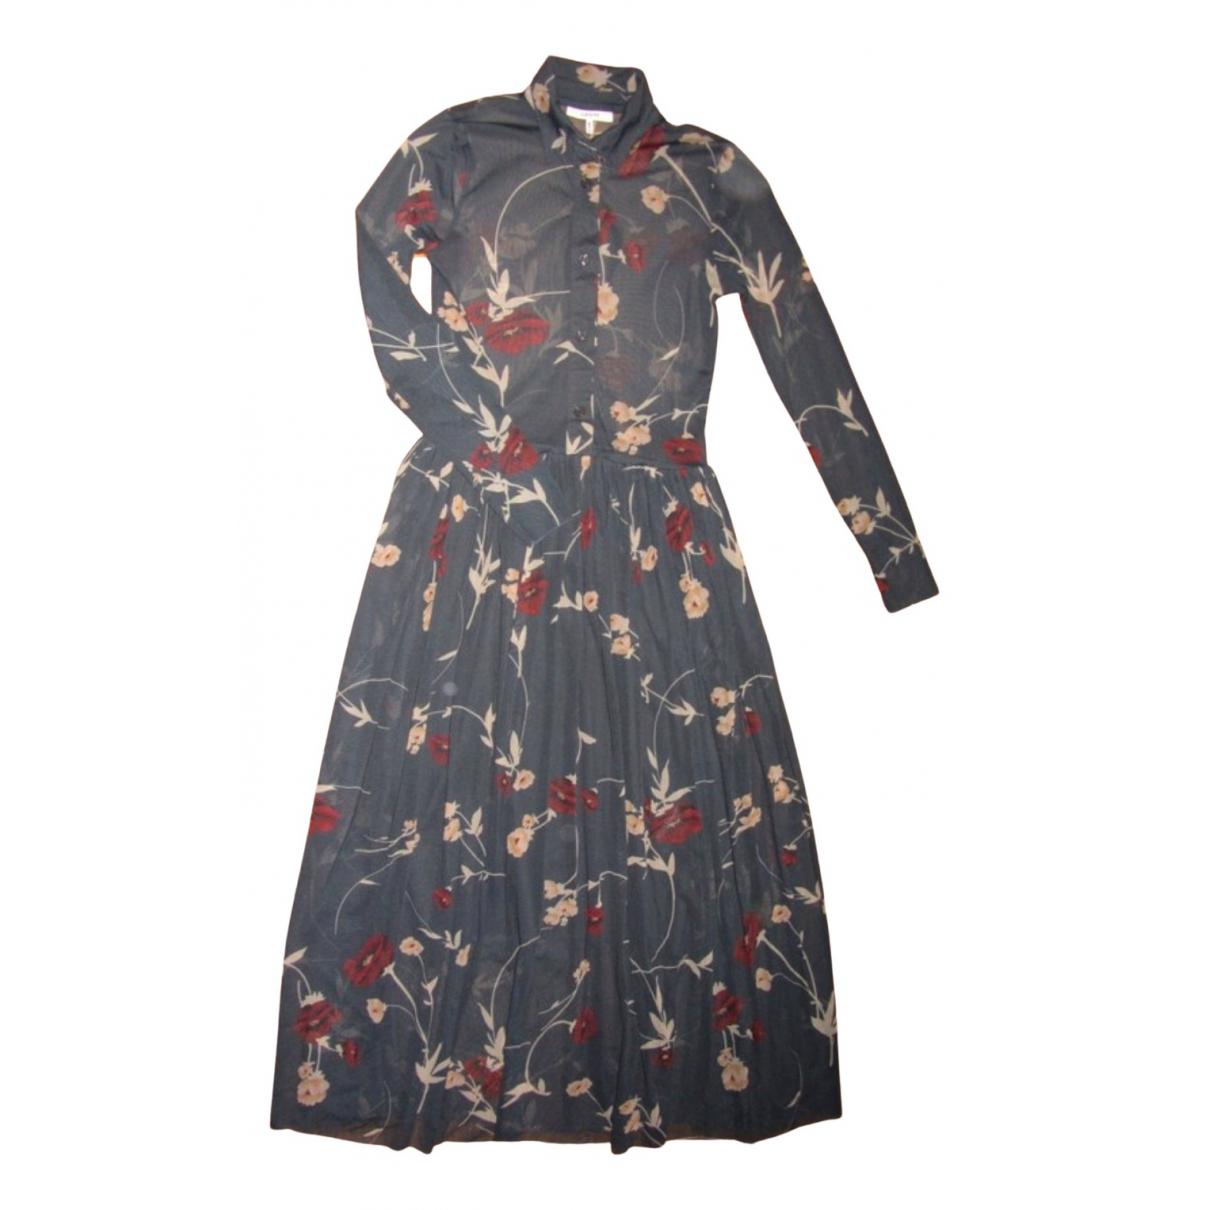 Ganni \N Kleid in  Grau Polyester